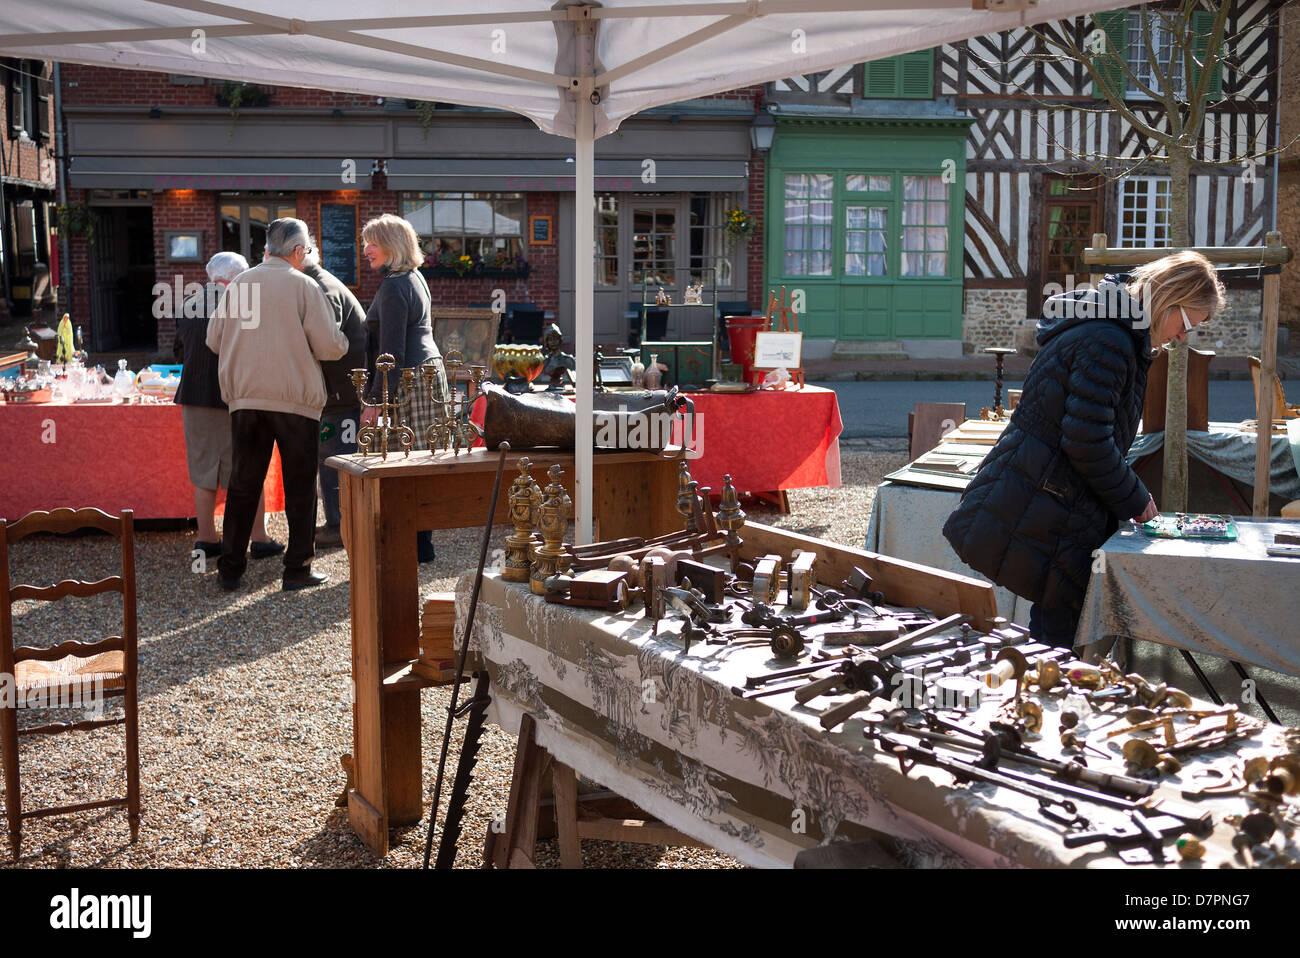 Antiques fair in Beuvron-en-Auge, France. - Stock Image